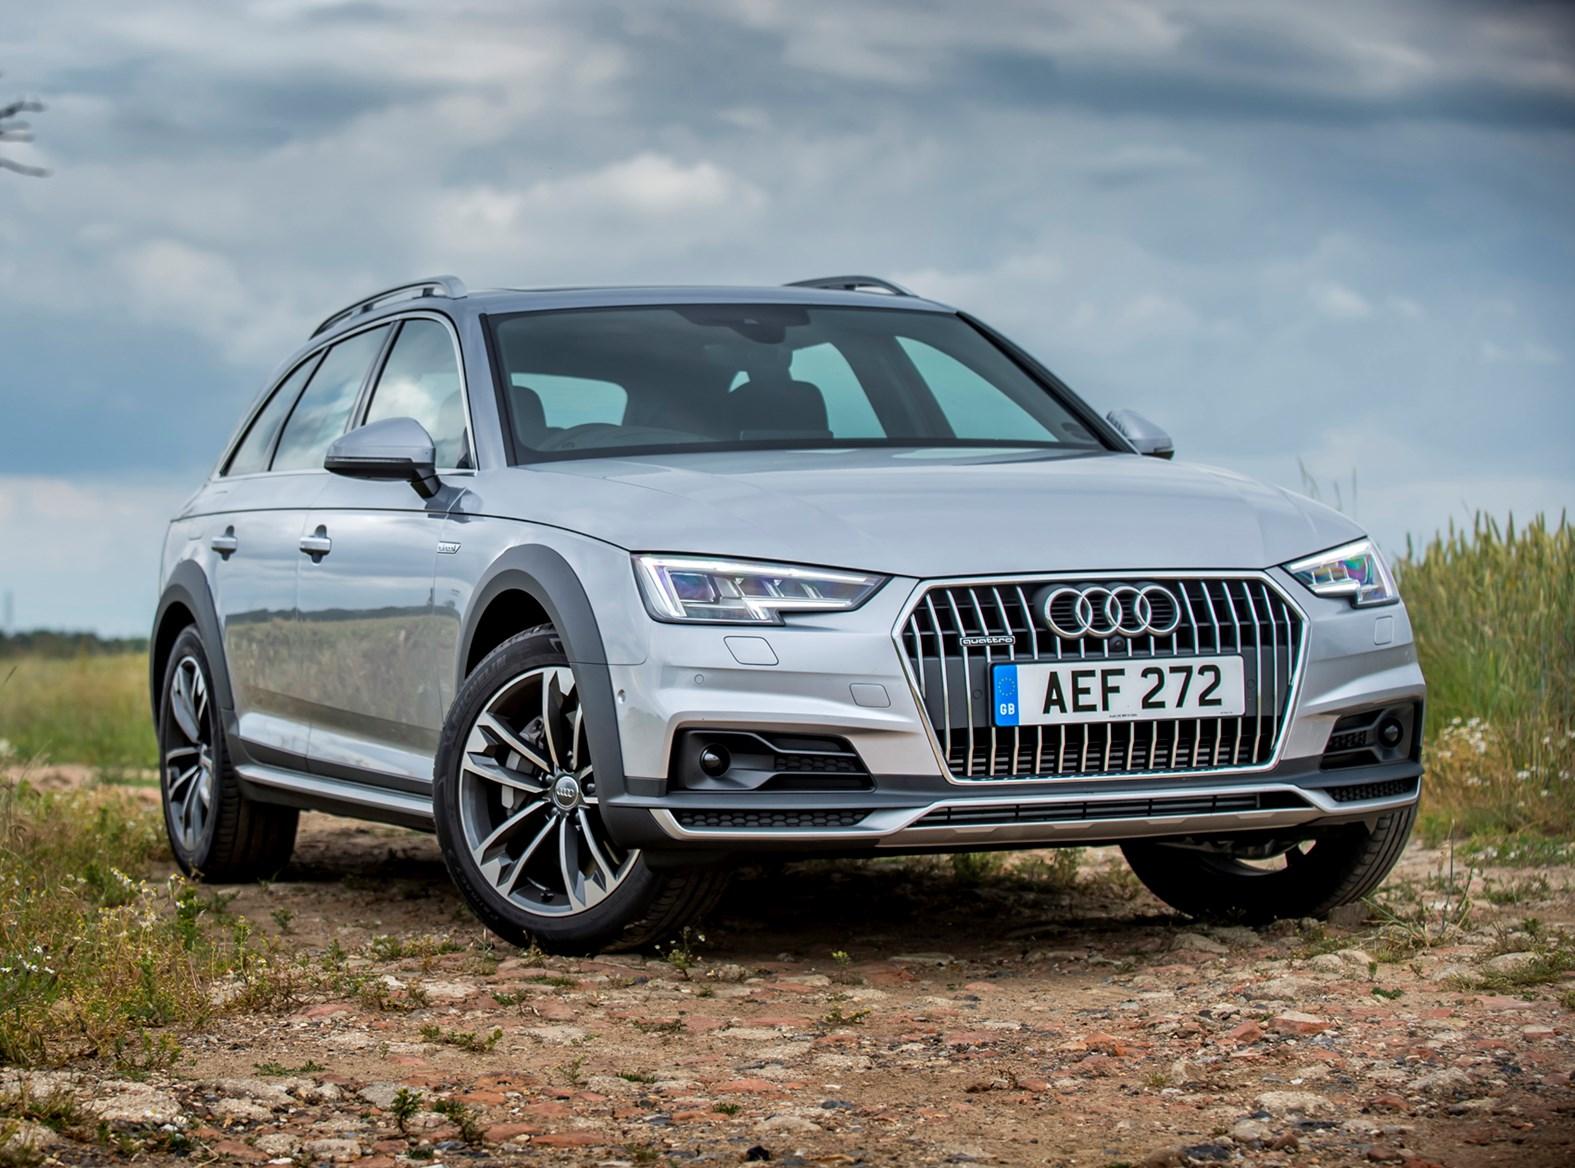 Audi A Allroad Lease Deals New Car Models - Audi personal car leasing deals